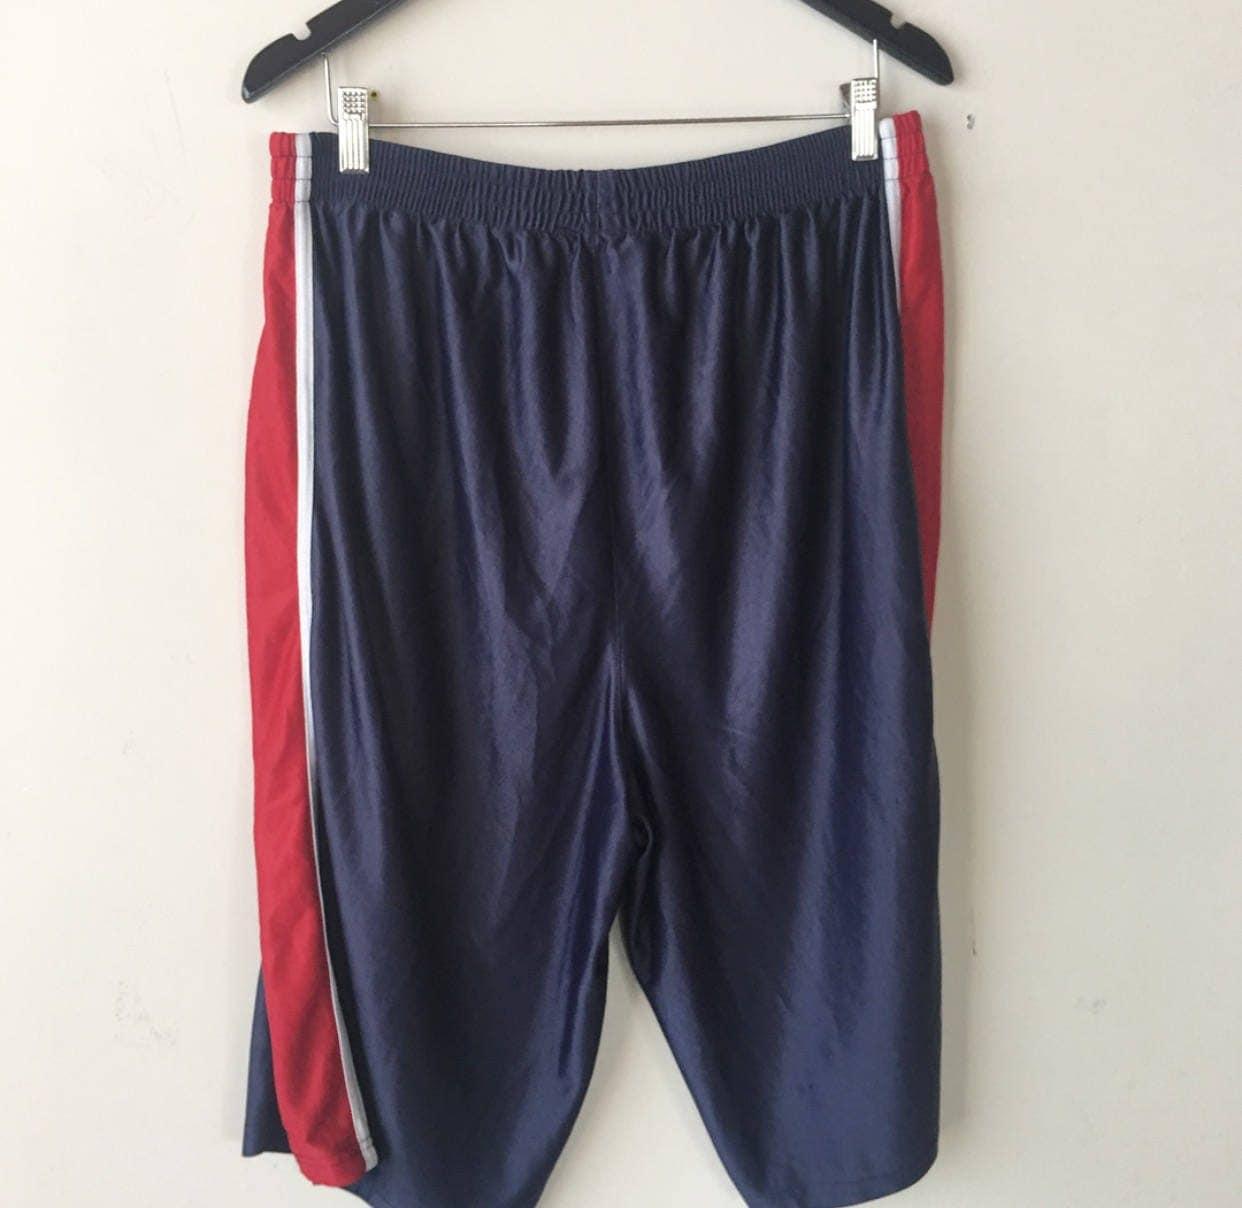 Vintage Mens Shorts, Mens Shorts, Vintage Mens Clothing, Mens Basketball Shorts, Basketball Shorts, Vintage Basketball